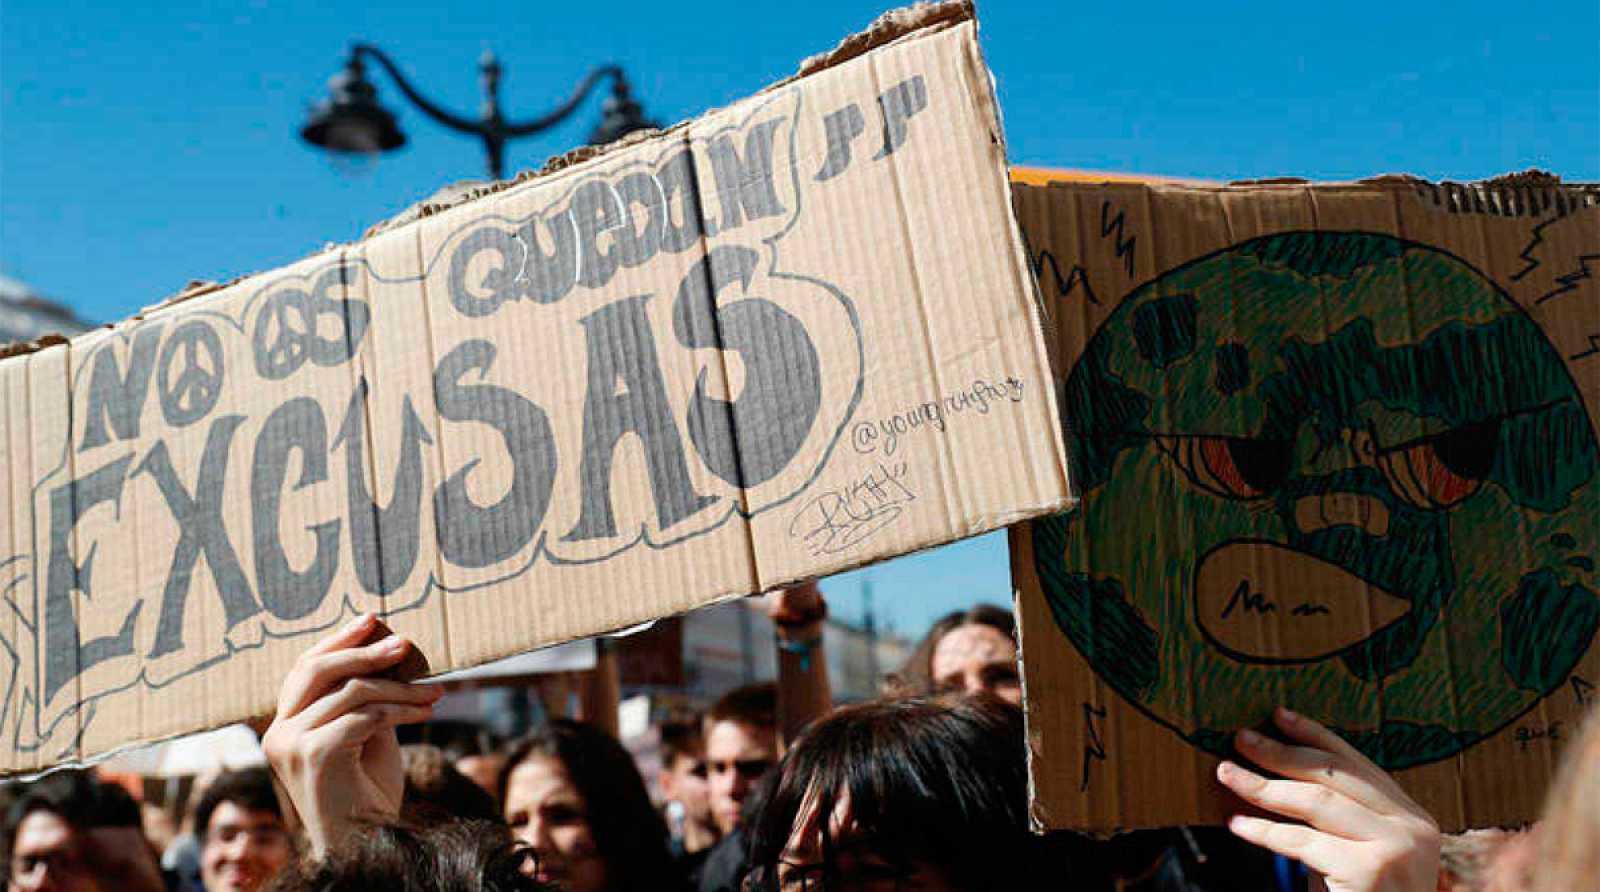 En España ya casi nadie niega que el cambio climático exista. Tan solo un 3% de la población. Y además, el 92% parece tener claro que el ser humano es el responsable de este fenómeno. Son datos de la encuesta Los españoles ante el cambio climático, r